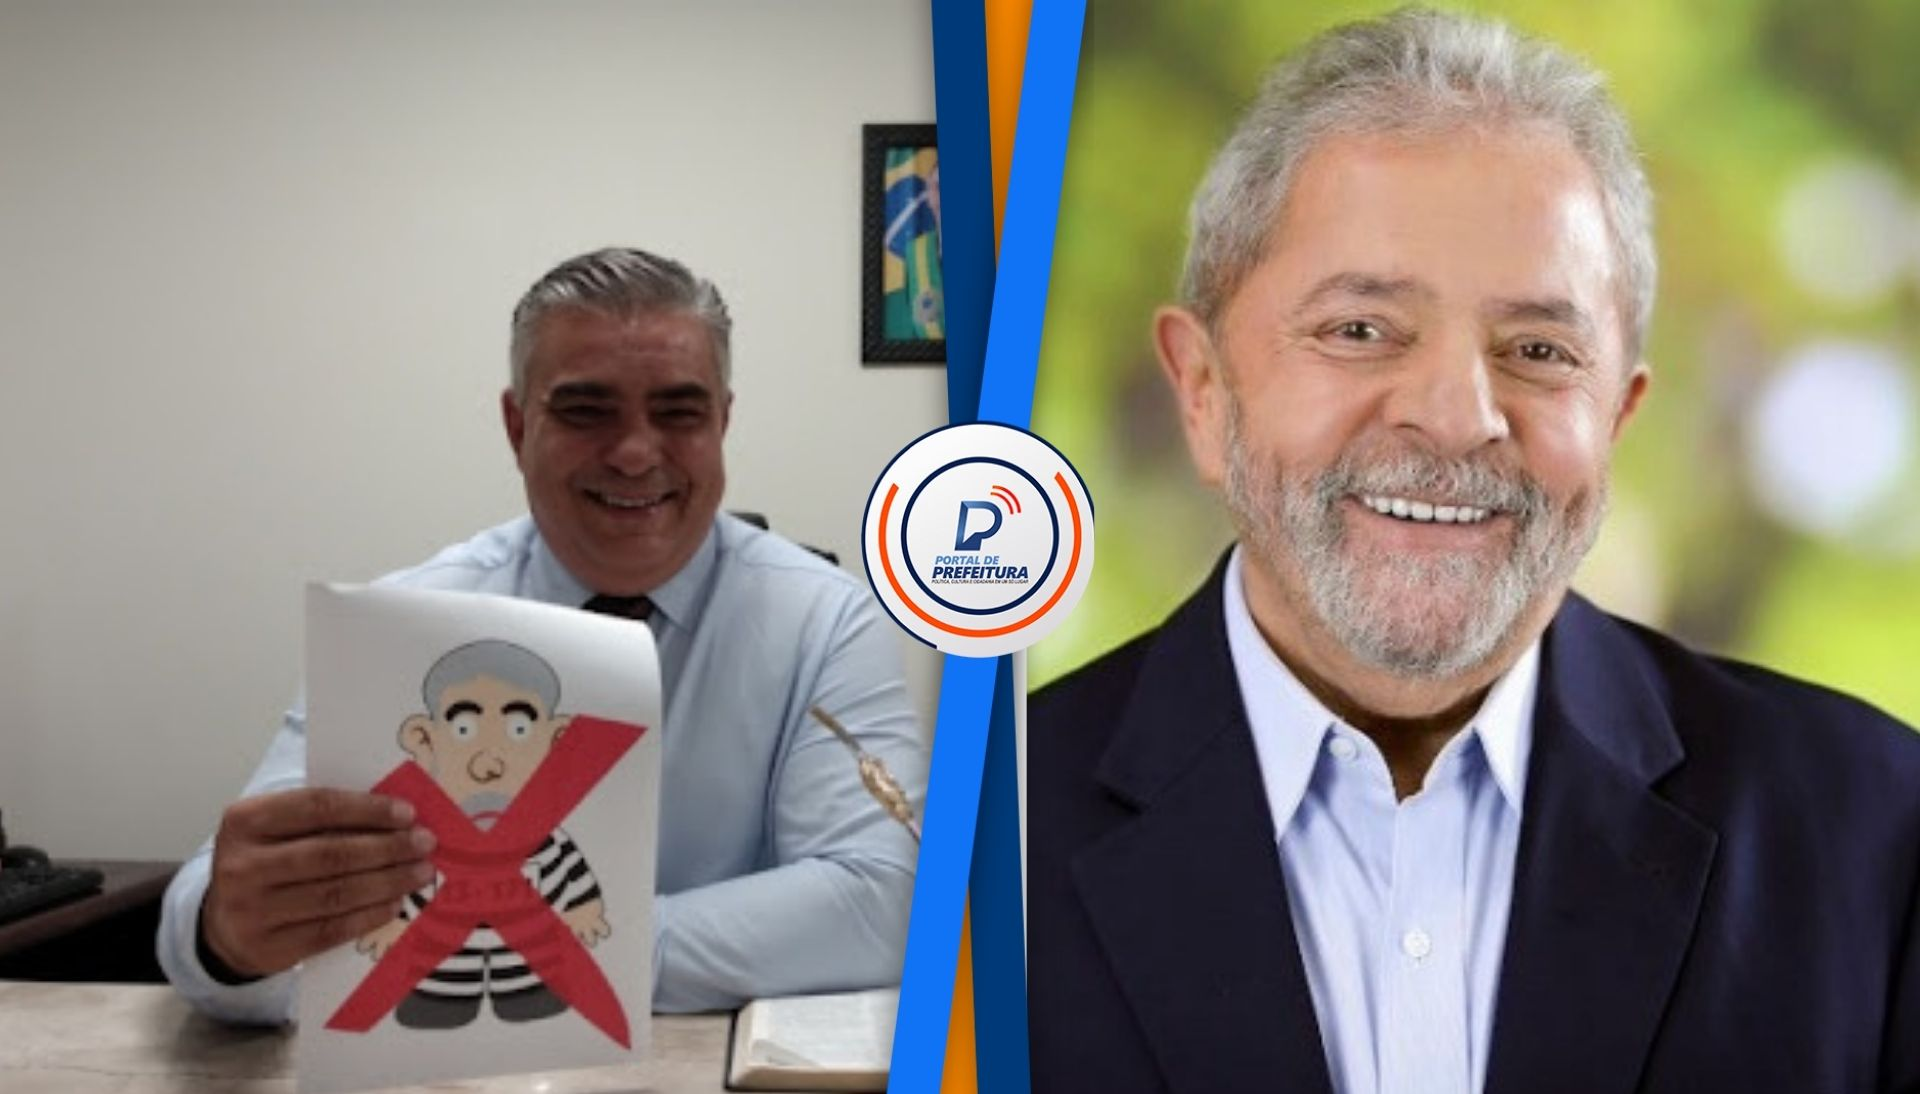 Deputado Bolsonarista pede retirada do título de cidadão catarinense de Lula na Assembleia Legislativa